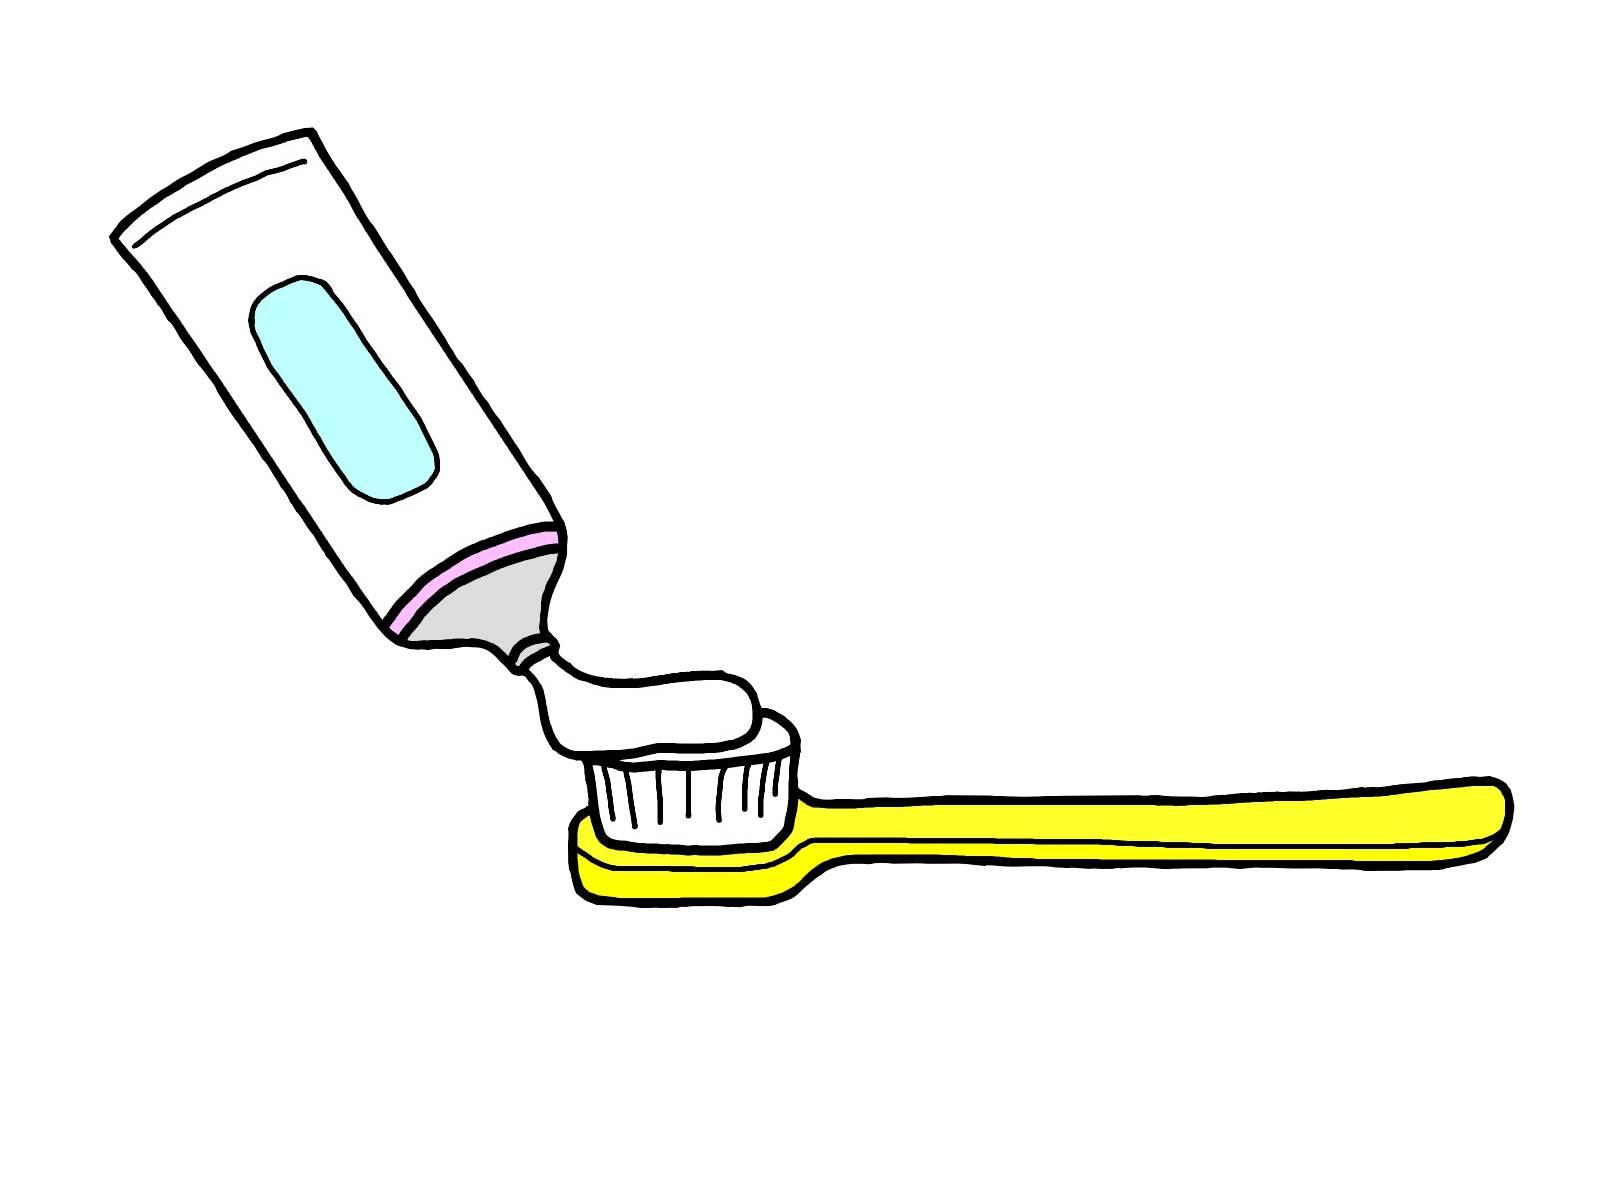 めんどくさがりな人用の歯ブラシがある!?奥歯用の歯ブラシを紹介